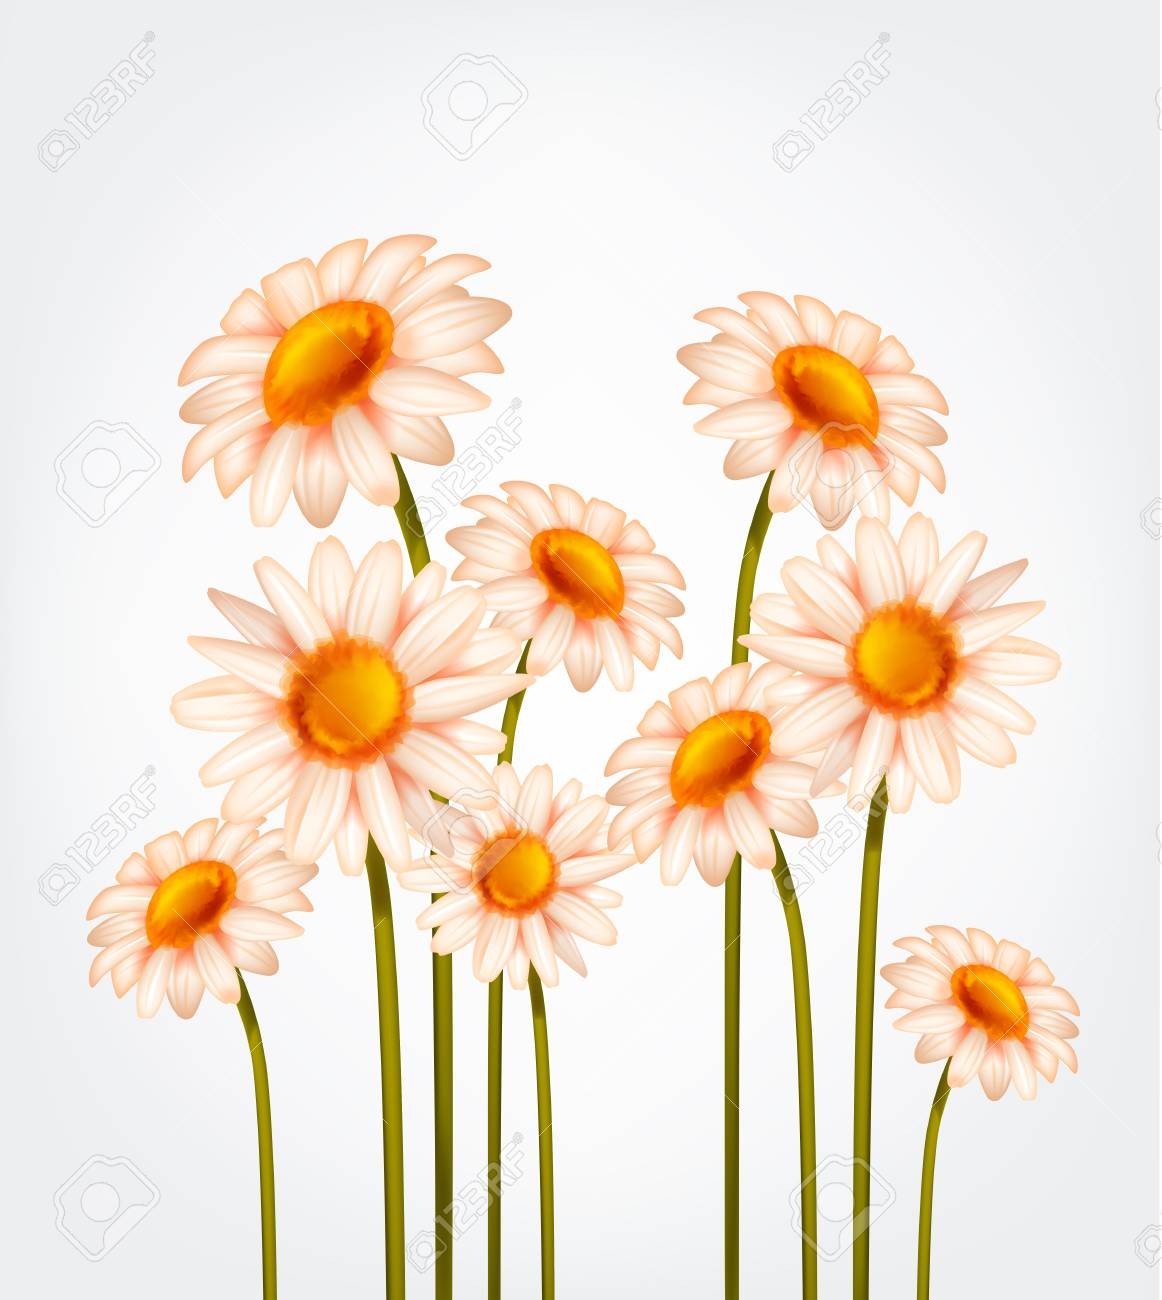 Fresh Daisy flowers, marguerite, chamomile isolated. - 125298575